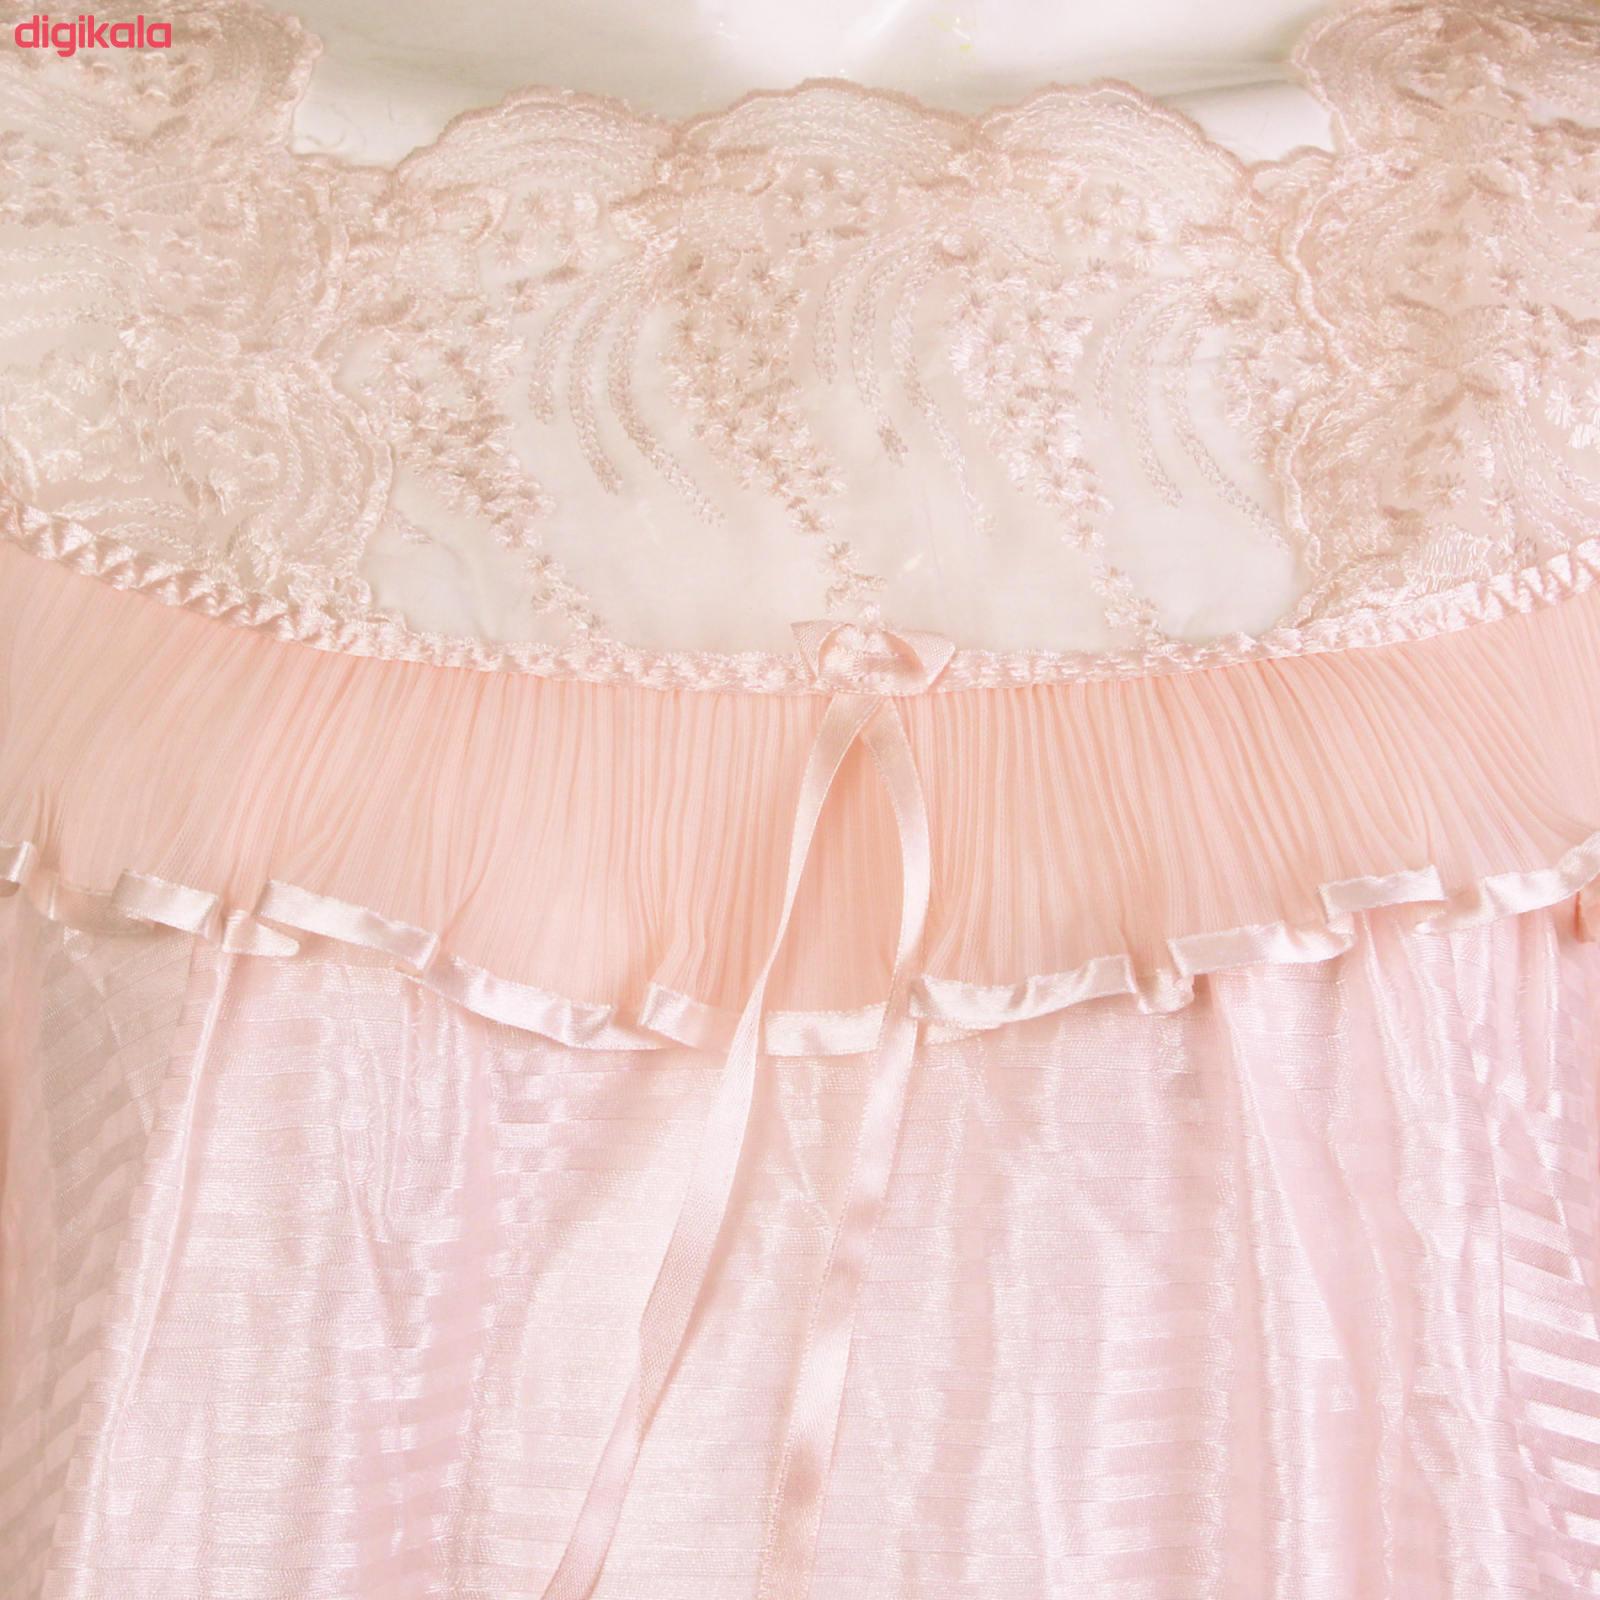 لباس خواب زنانه ماییلدا مدل 3595-1 main 1 3